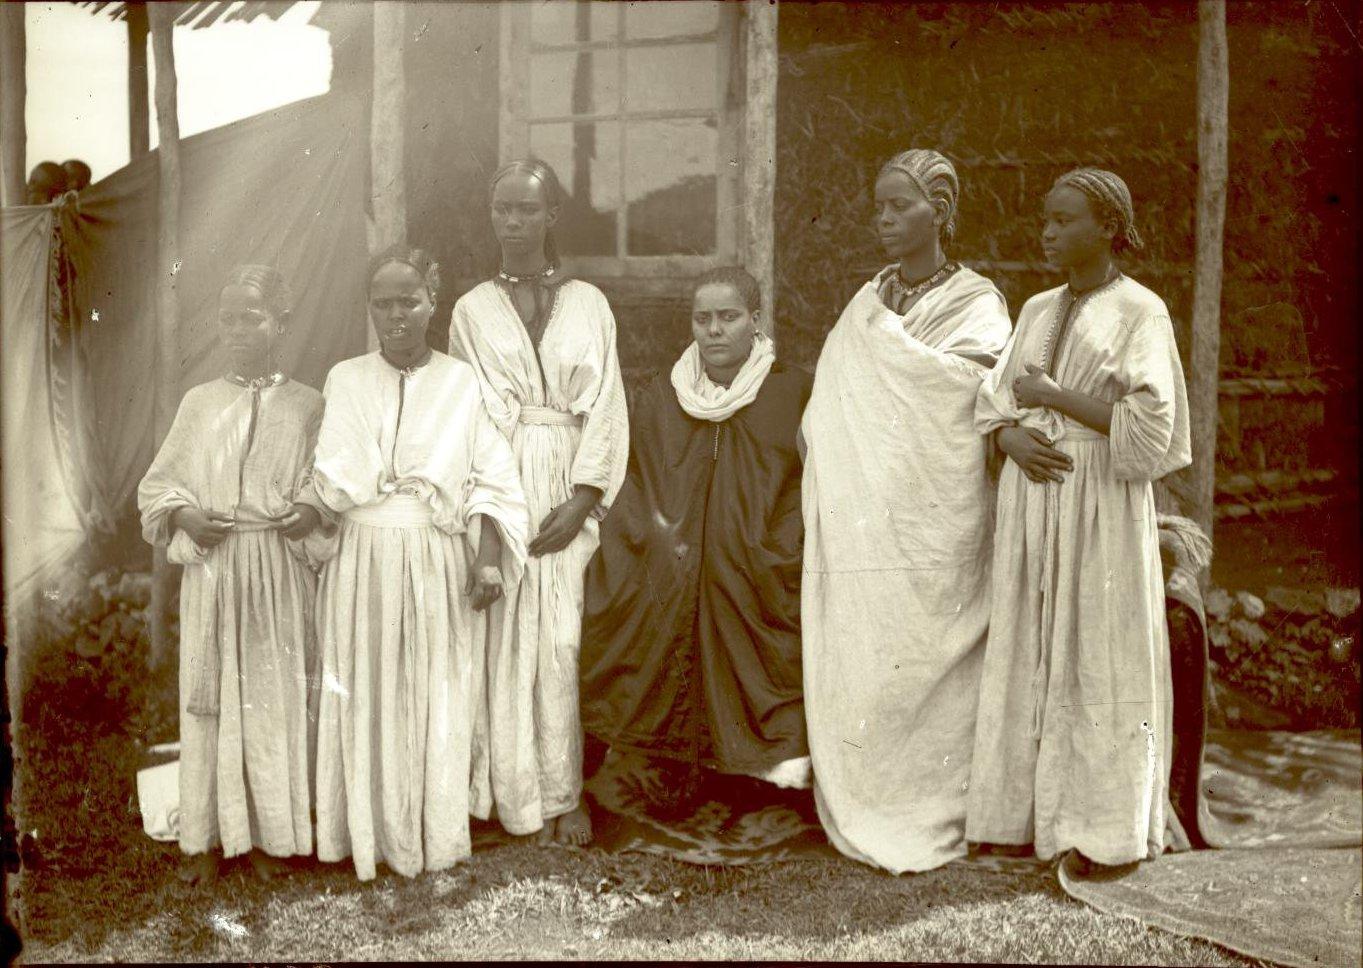 397.  1899. Абиссиния, Аддис-Абеба. Жена раса Тассама Дарги со служанками